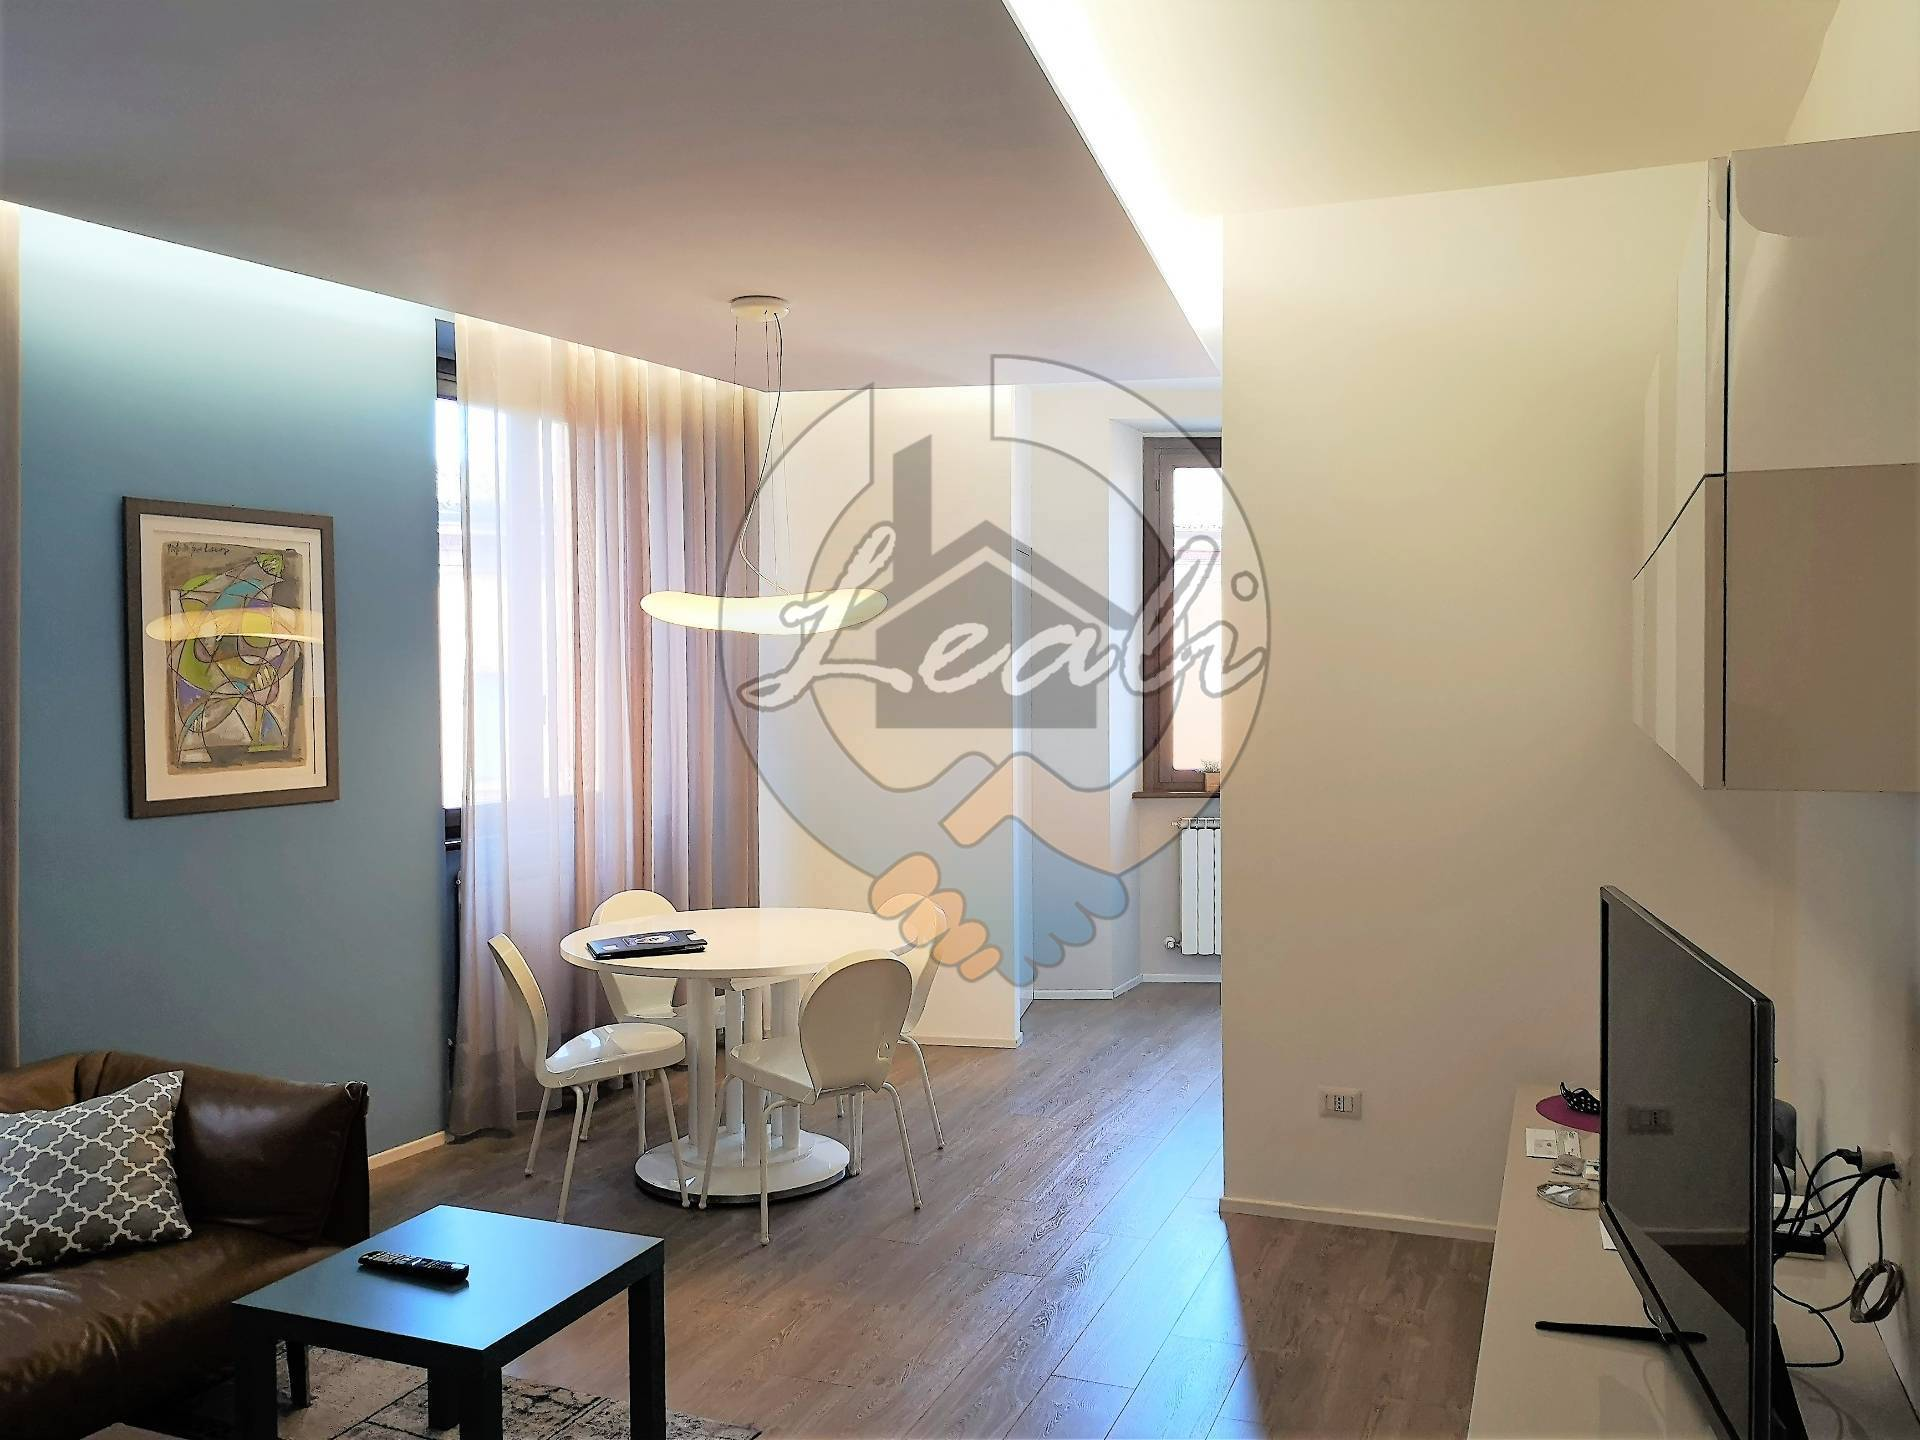 Appartamento in vendita a Tolentino, 4 locali, prezzo € 215.000 | CambioCasa.it